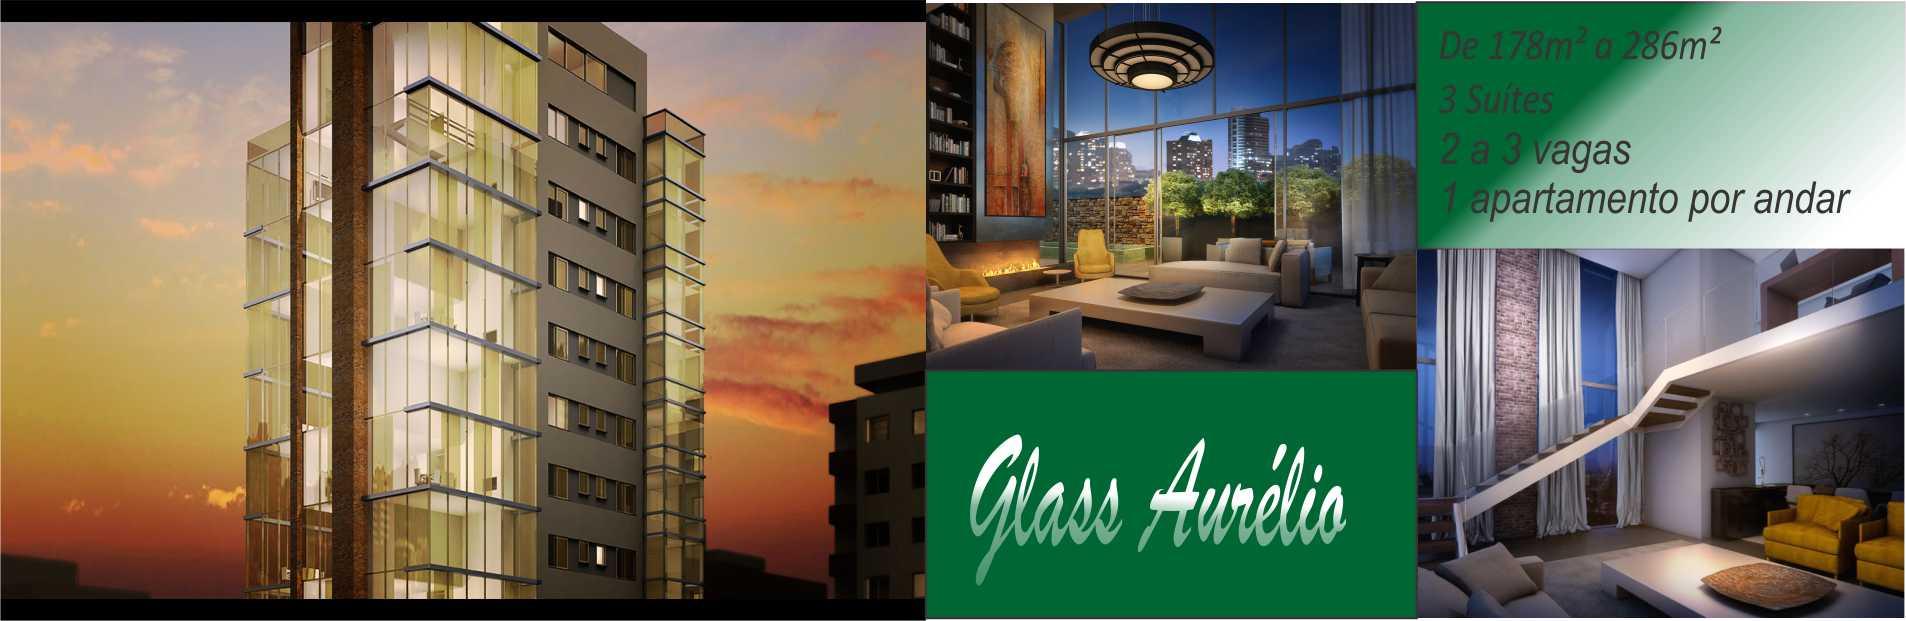 GLASS AURÉLIO - MOINHOS DE VENTO